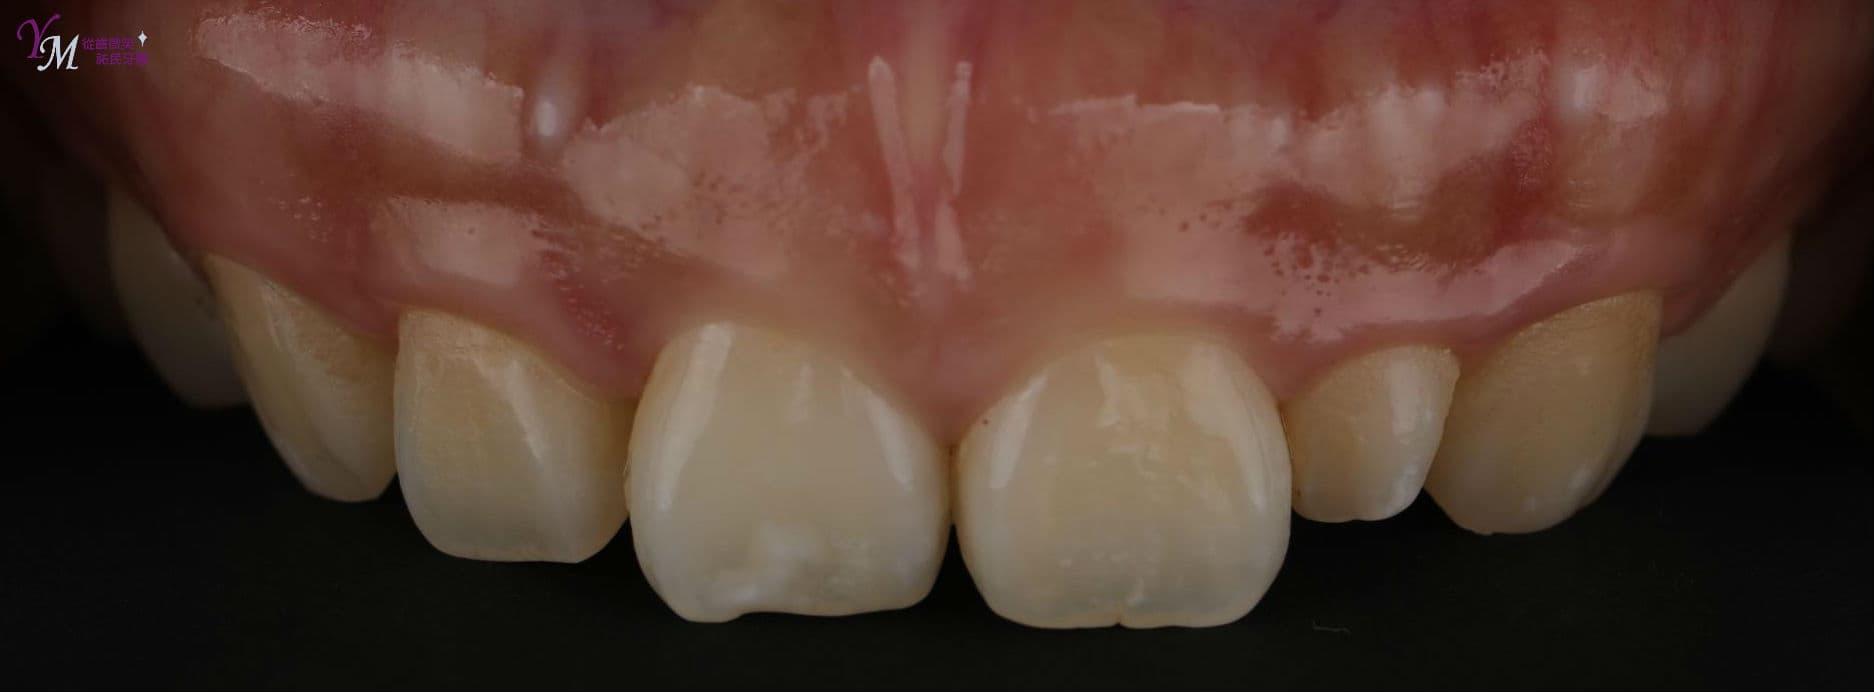 我們可以發現她的牙齒有這些地方可以改善:原本牙齒就偏小,而牙肉又過多,看起來比例不佳。